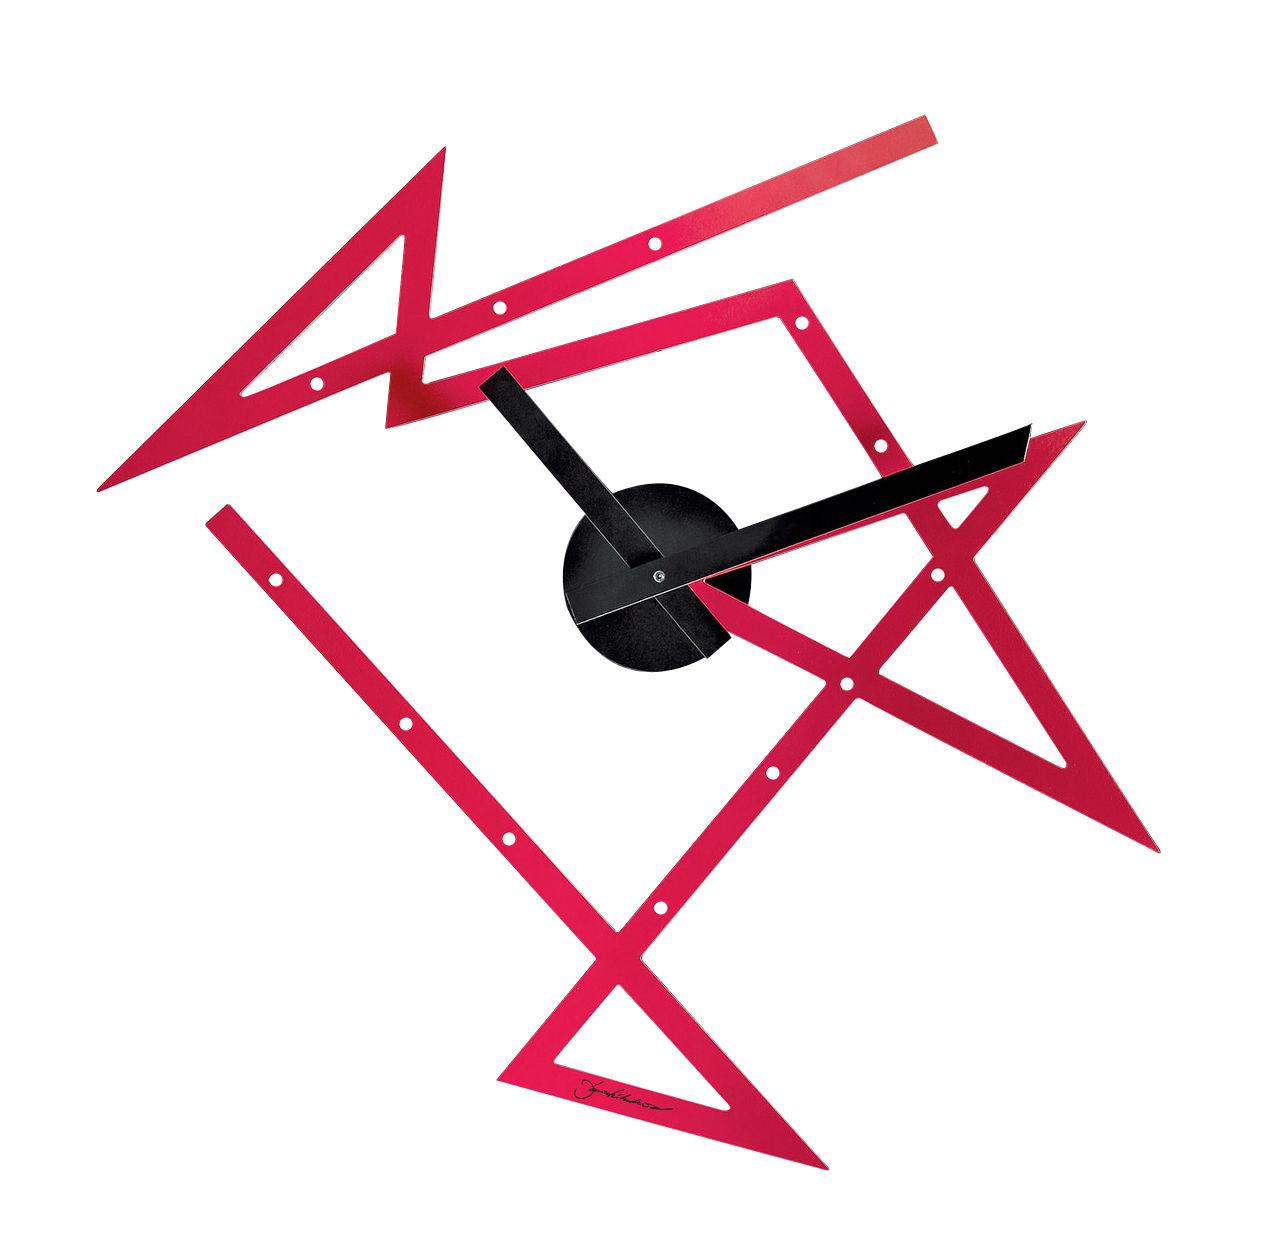 Déco - Horloges  - Horloge murale Time Maze / L 50 x H 47,5 cm - Alessi - Rouge / Aiguilles noires - Acier